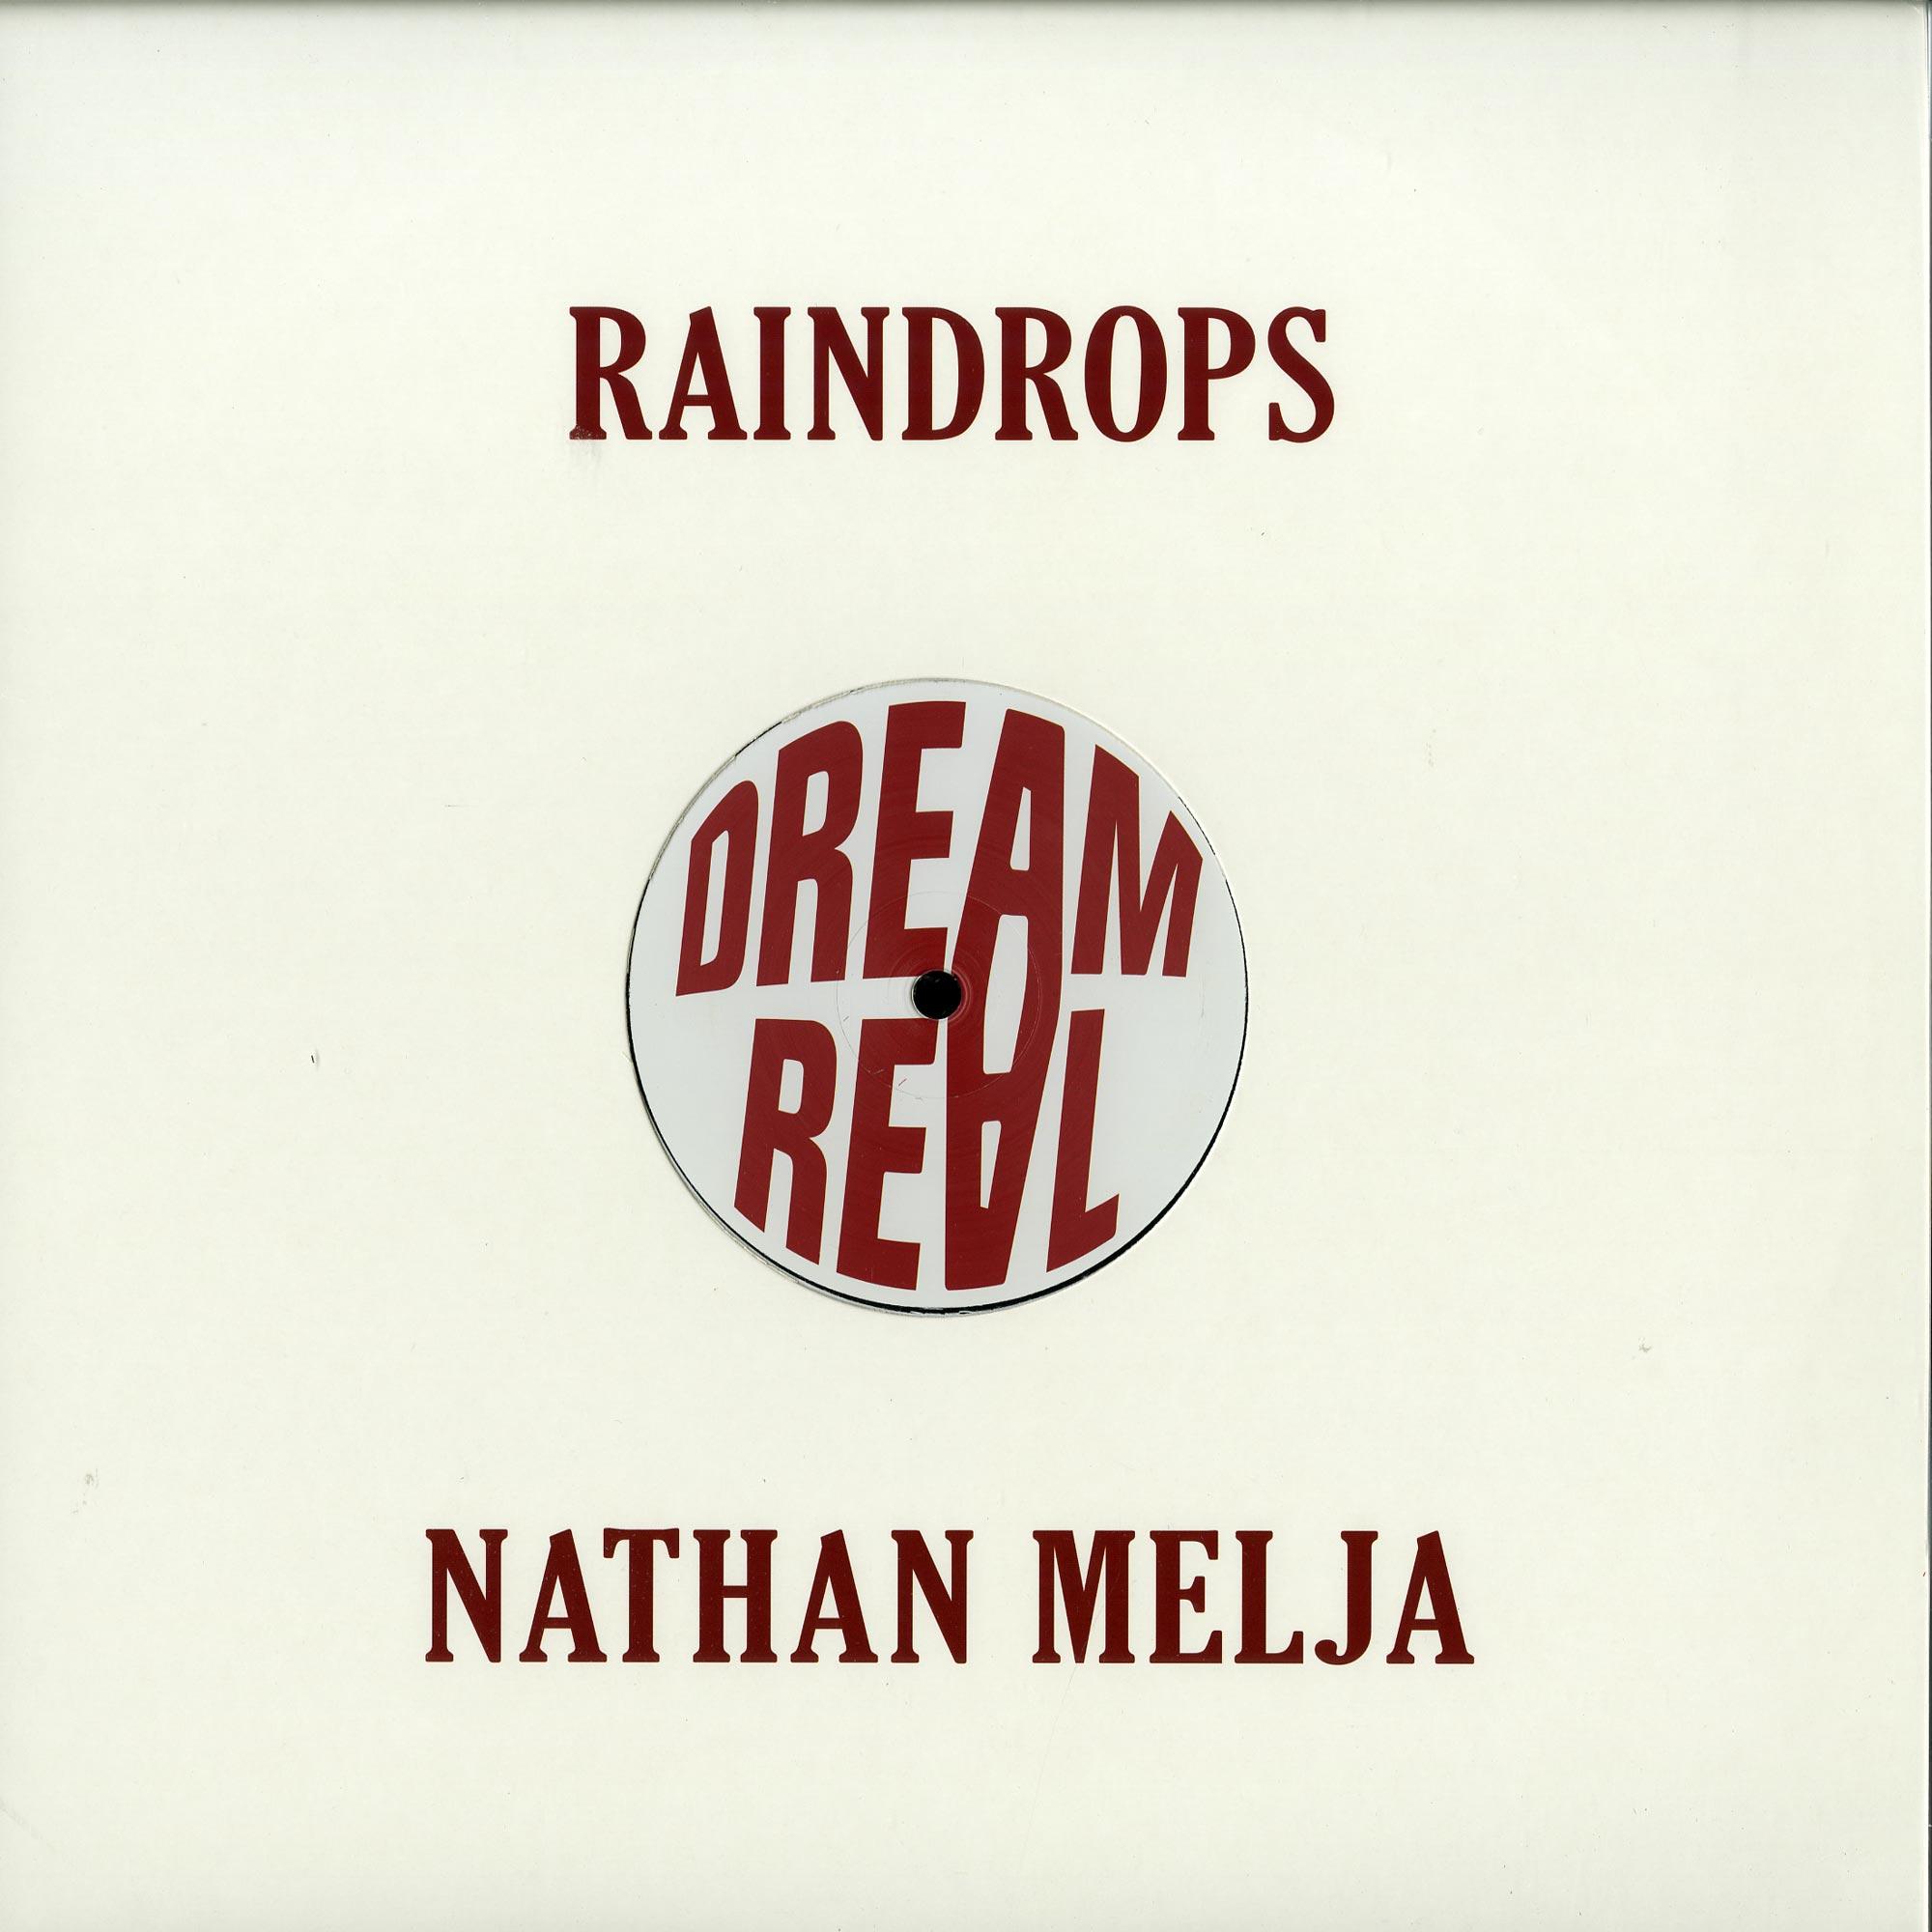 Nathan Melja - RAINDROPS